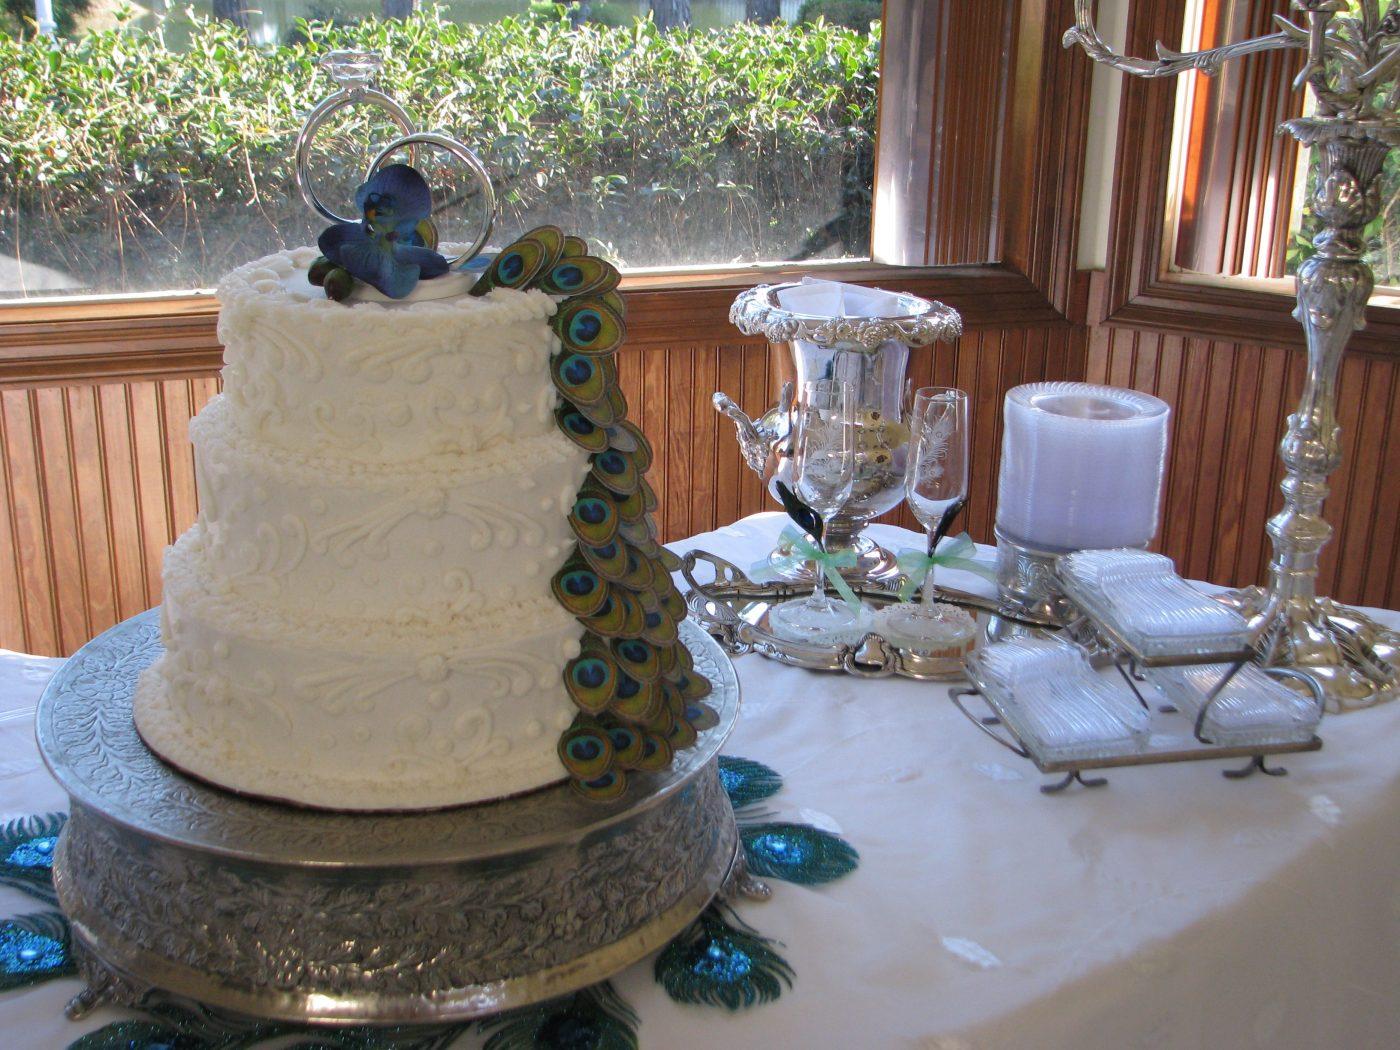 Delicious Wedding Cake Gulf Shores Wedding Chapel